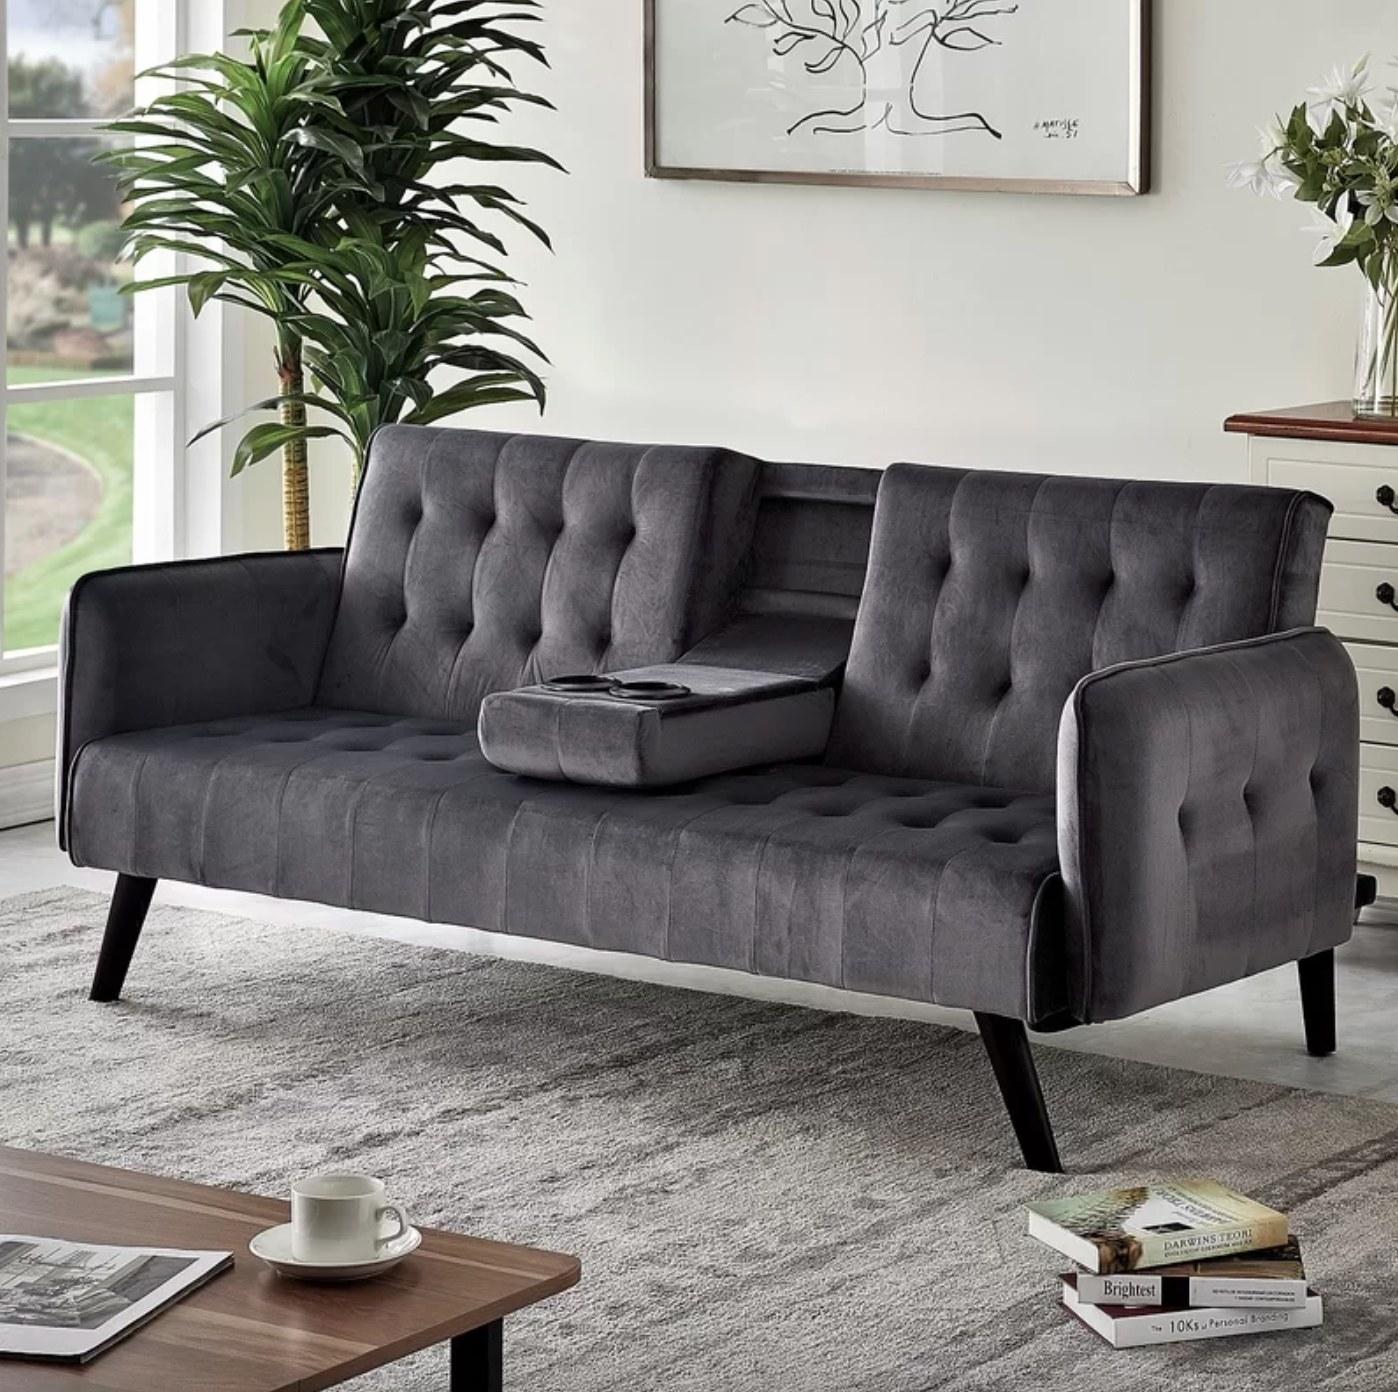 The velvet square arm sofa in gray